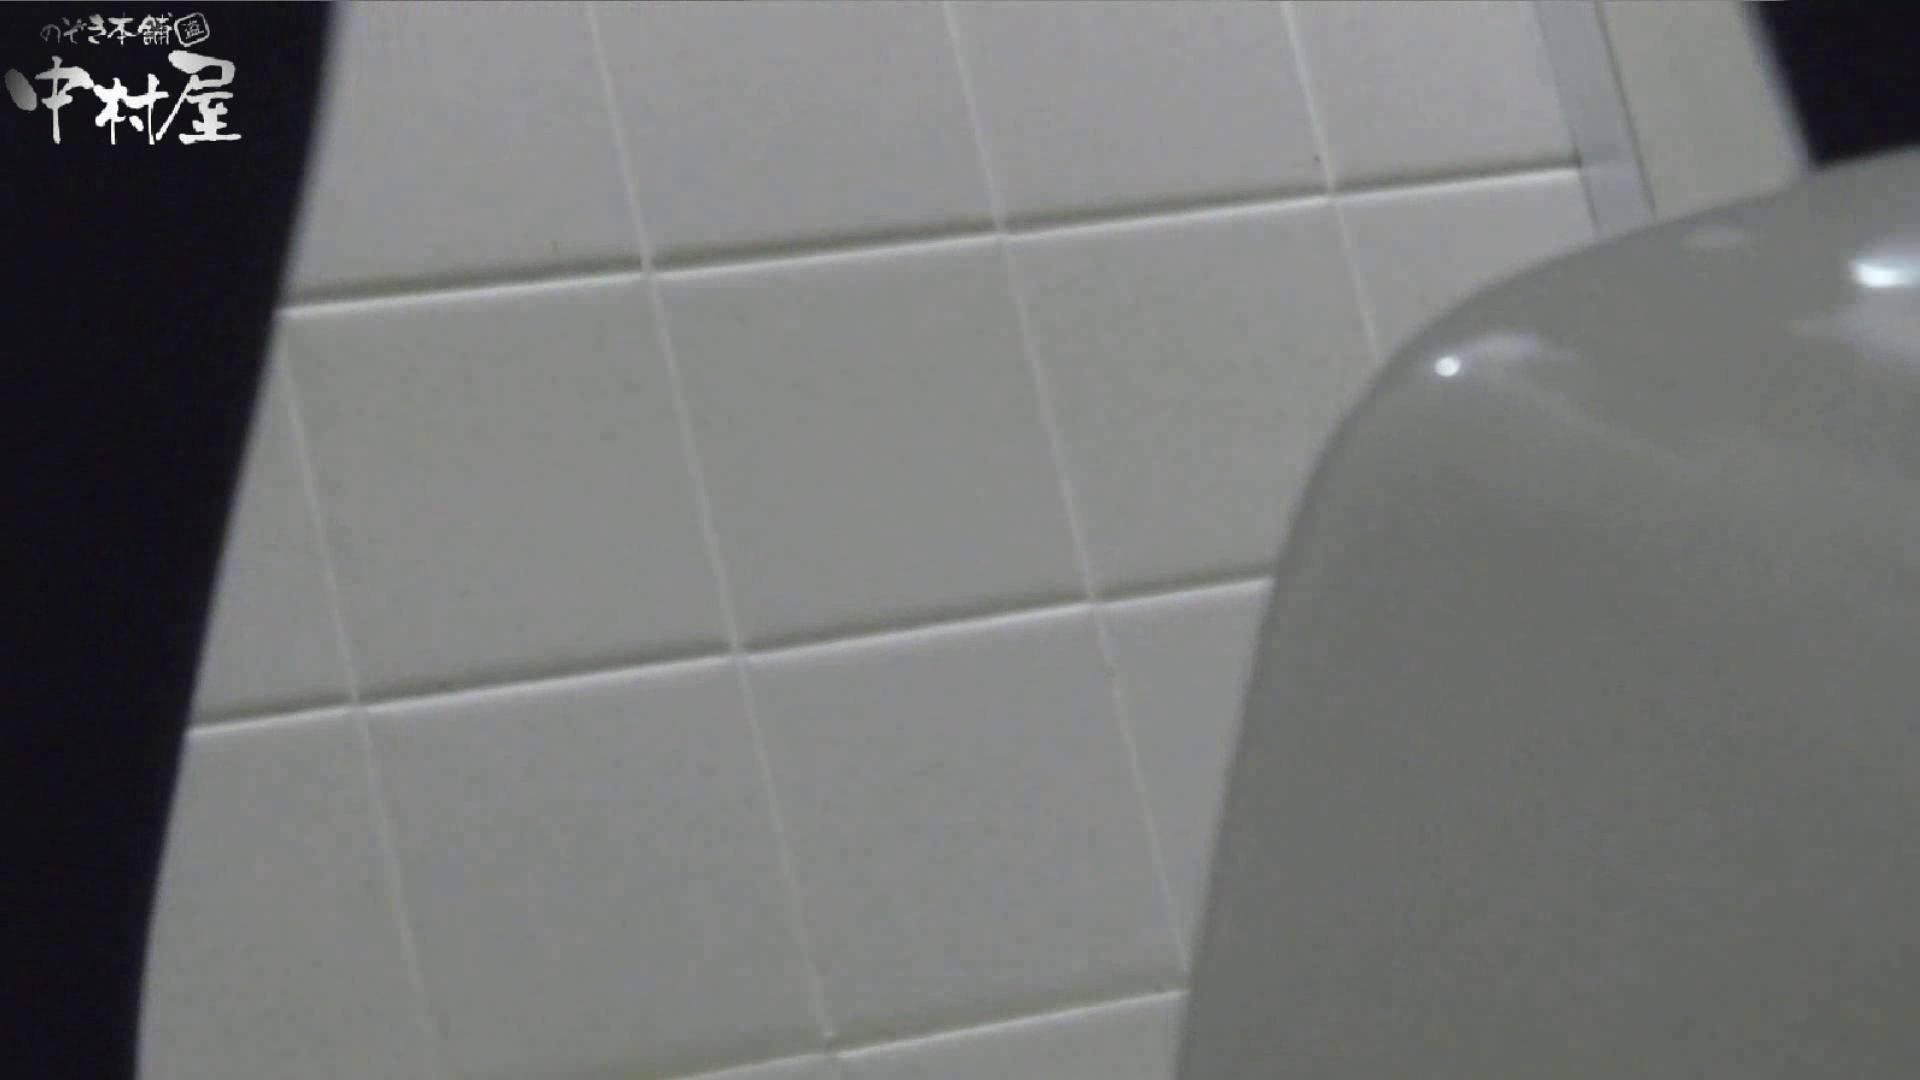 vol.24 命がけ潜伏洗面所! 剛毛さんいらっしゃい後編 OLセックス 盗撮ヌード画像 72画像 10